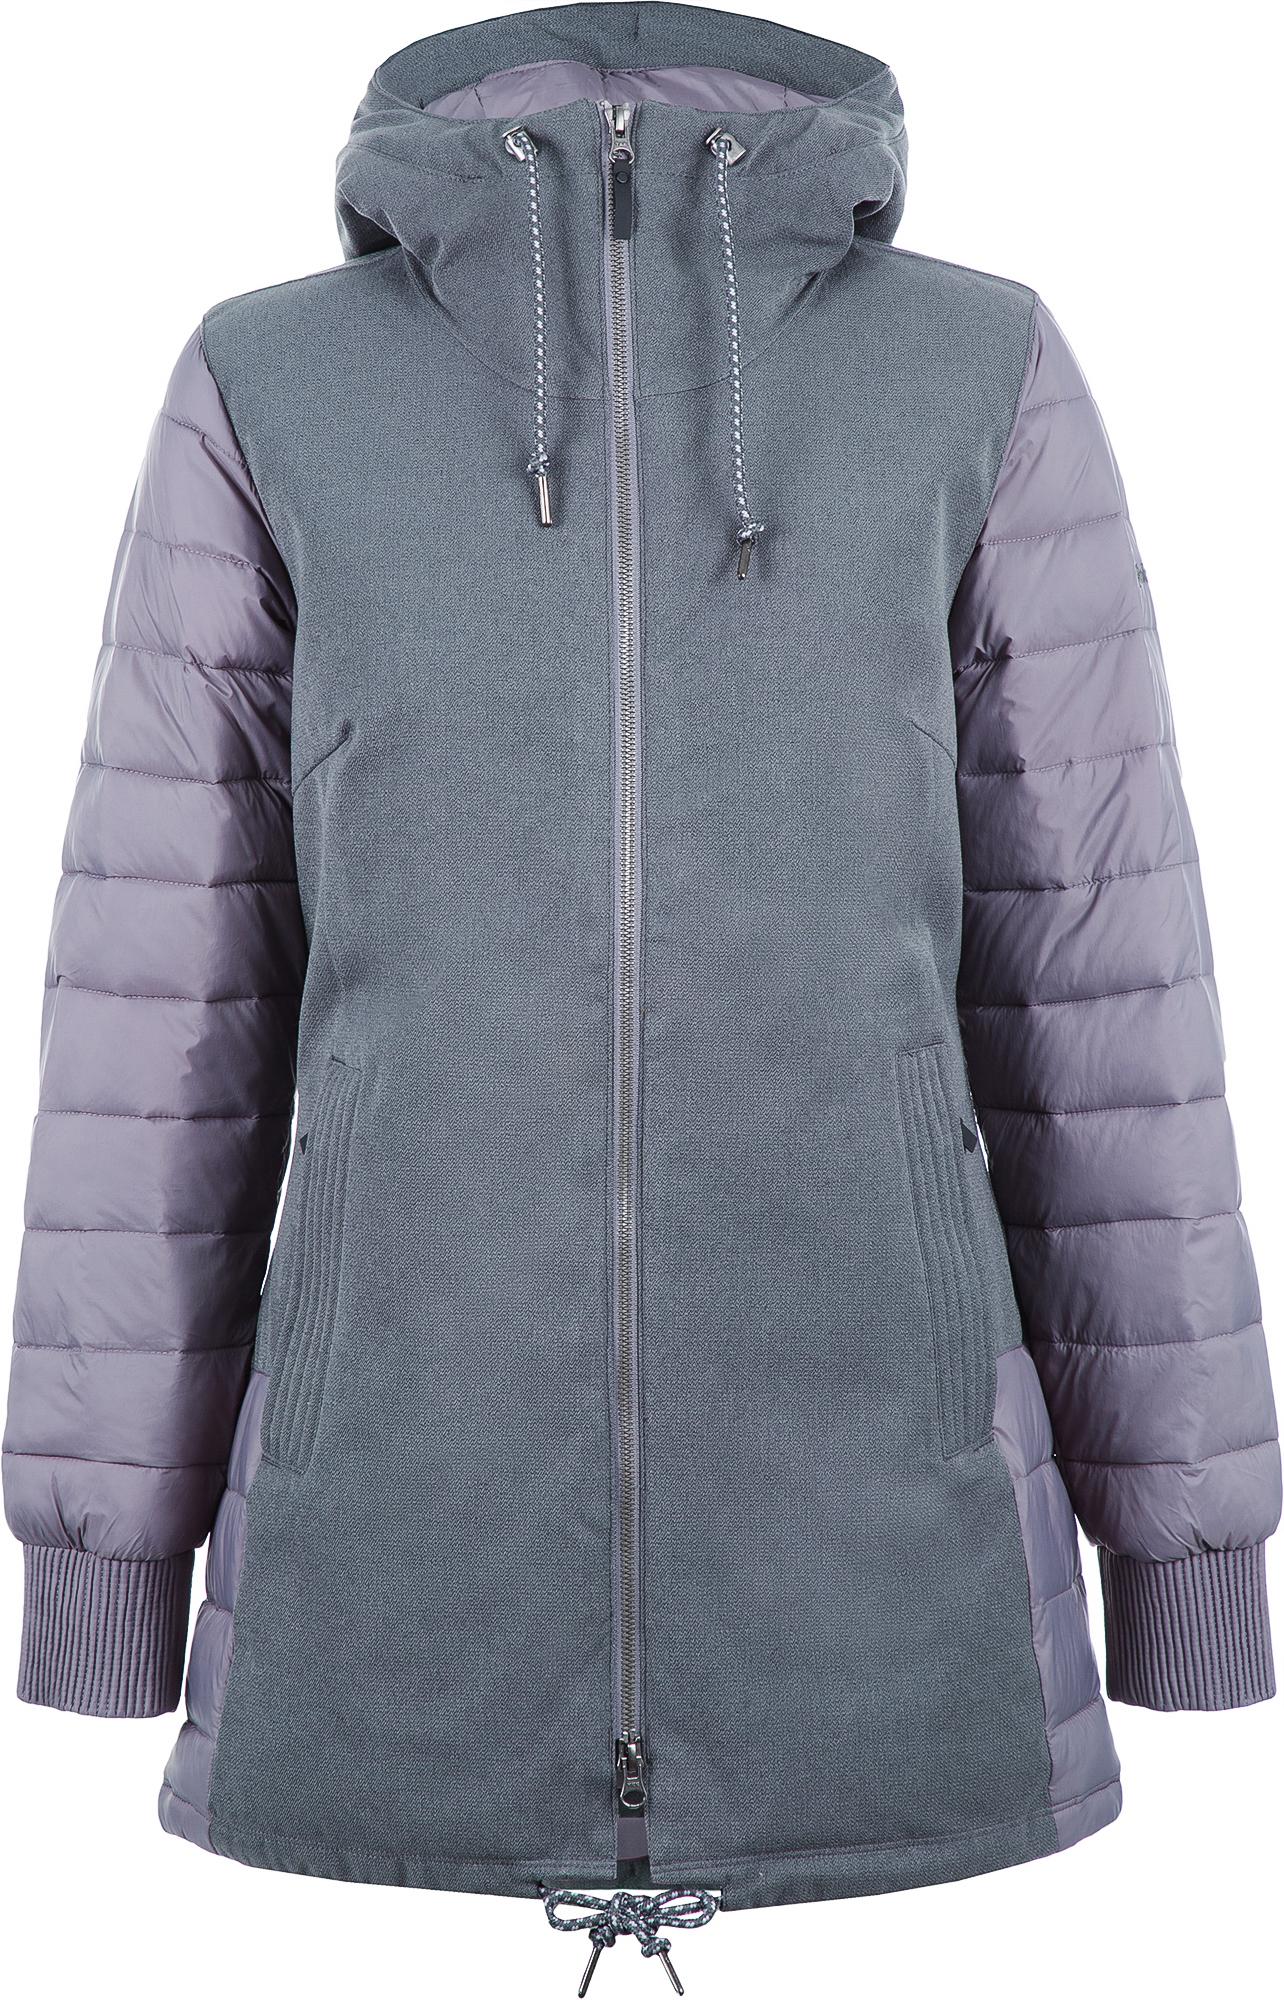 Фото - Columbia Куртка утепленная женская Columbia Boundary Bay, размер 42 куртка утепленная columbia columbia co214emgevw0